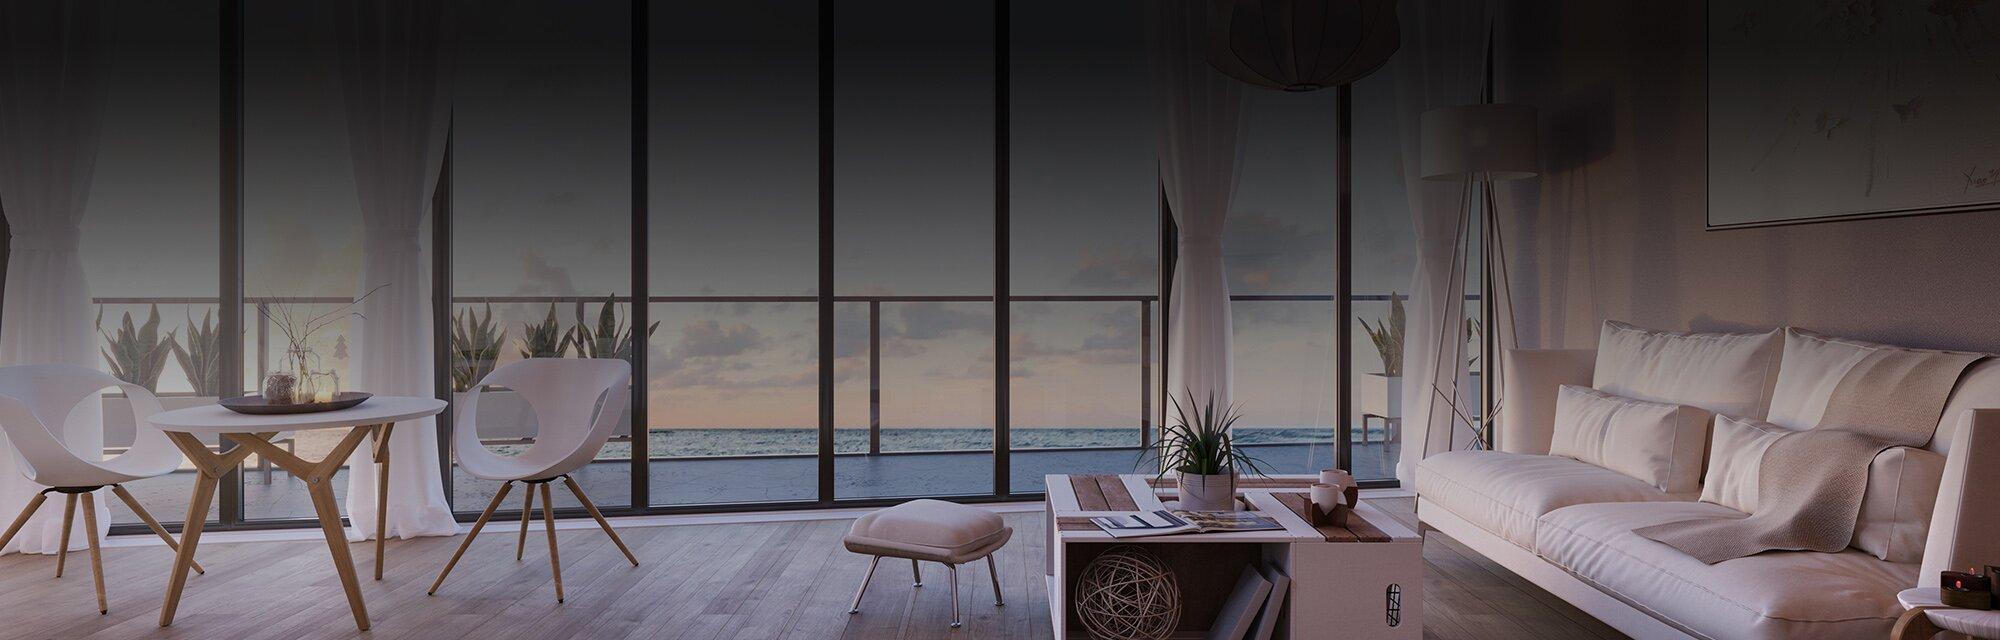 wizualizacje architektoniczne | noform oferta